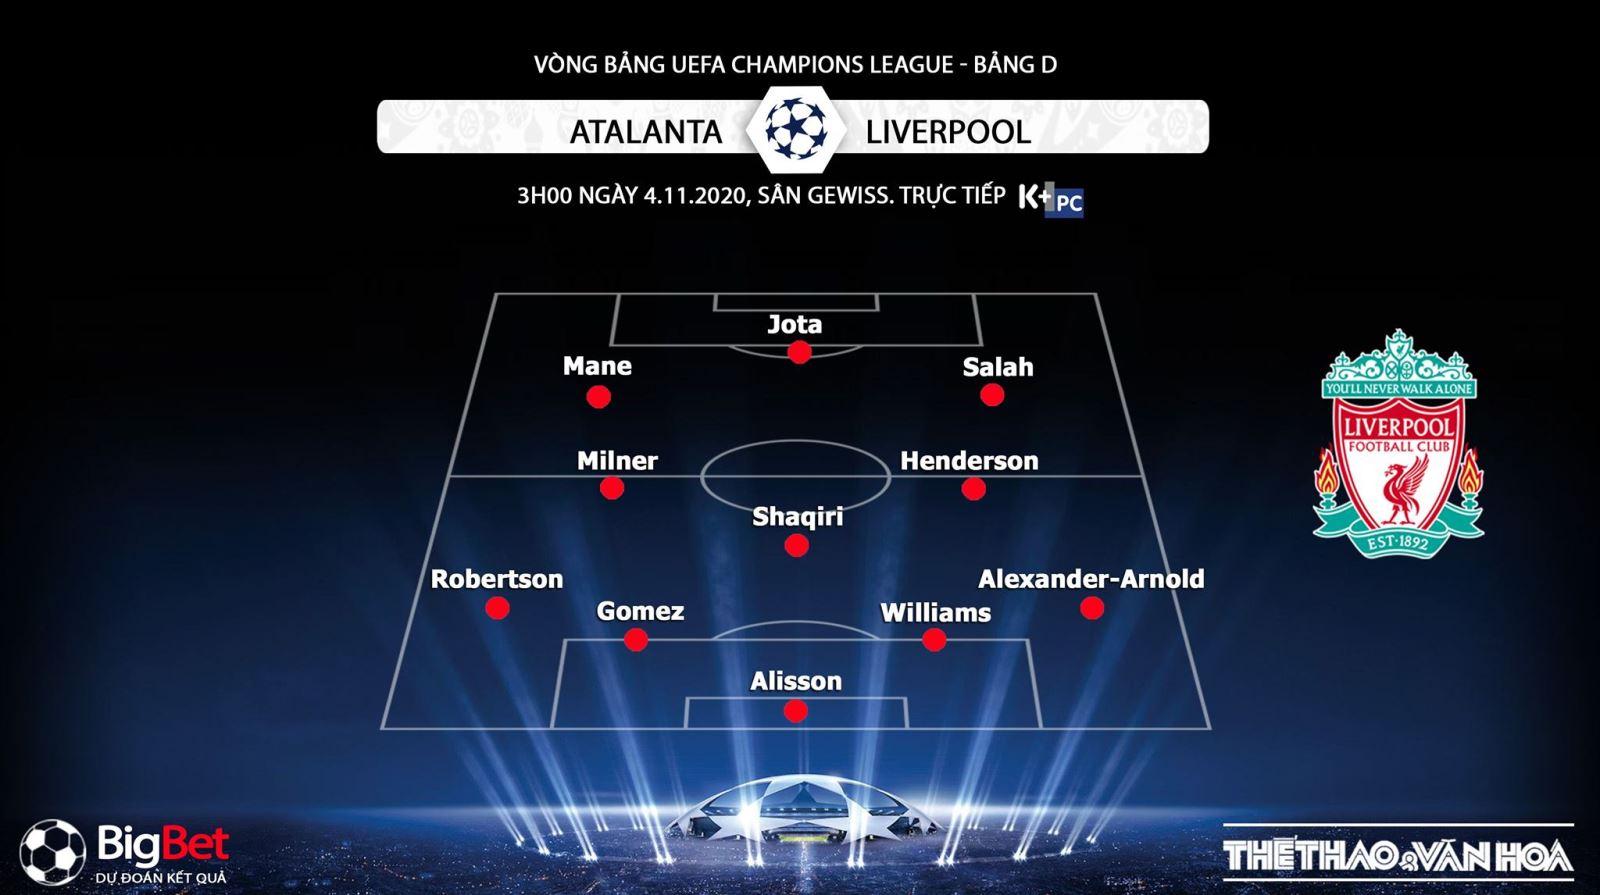 Keo nha cai, kèo nhà cái, Atalanta vs Liverpool, Truc tiep bong da, K+PC, Cúp C1, trực tiếp Atalanta vs Liverpool, trực tiếp bóng đá, xem bóng đá trực tuyến Liverpool